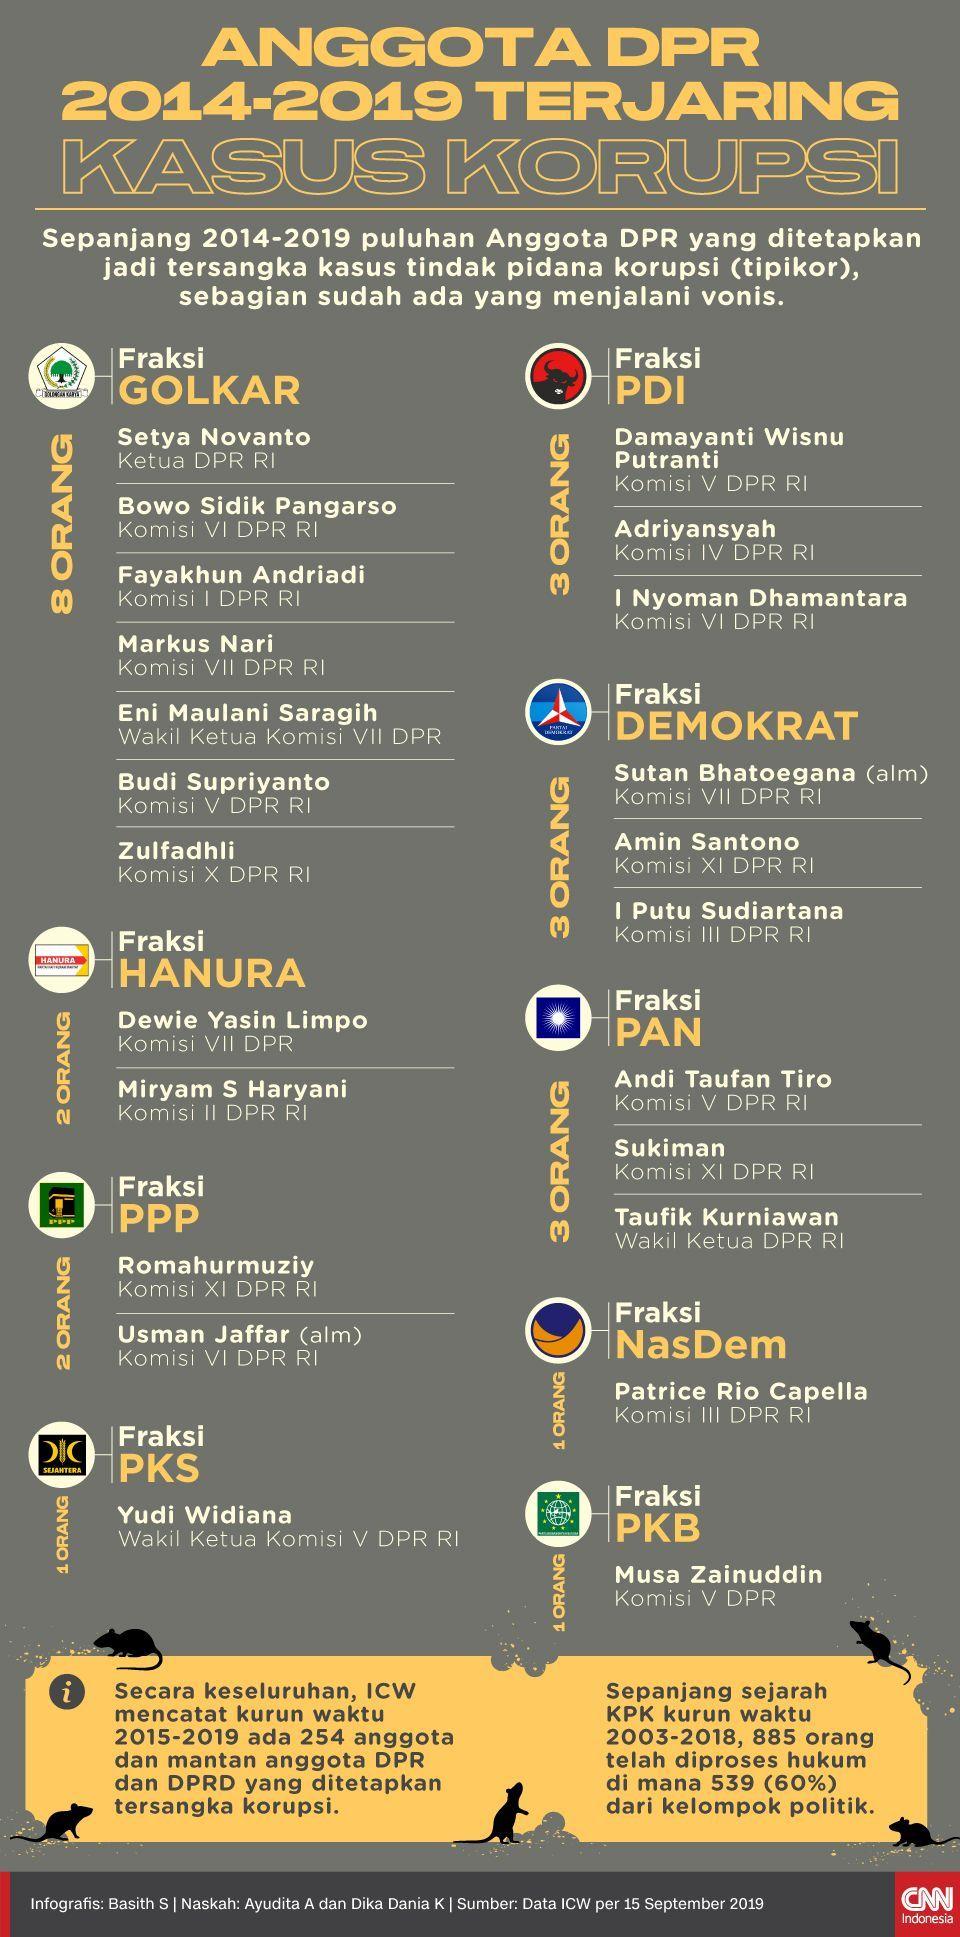 Infografis Anggota DPR 2014-2019 Terjaring Kasus Korupsi